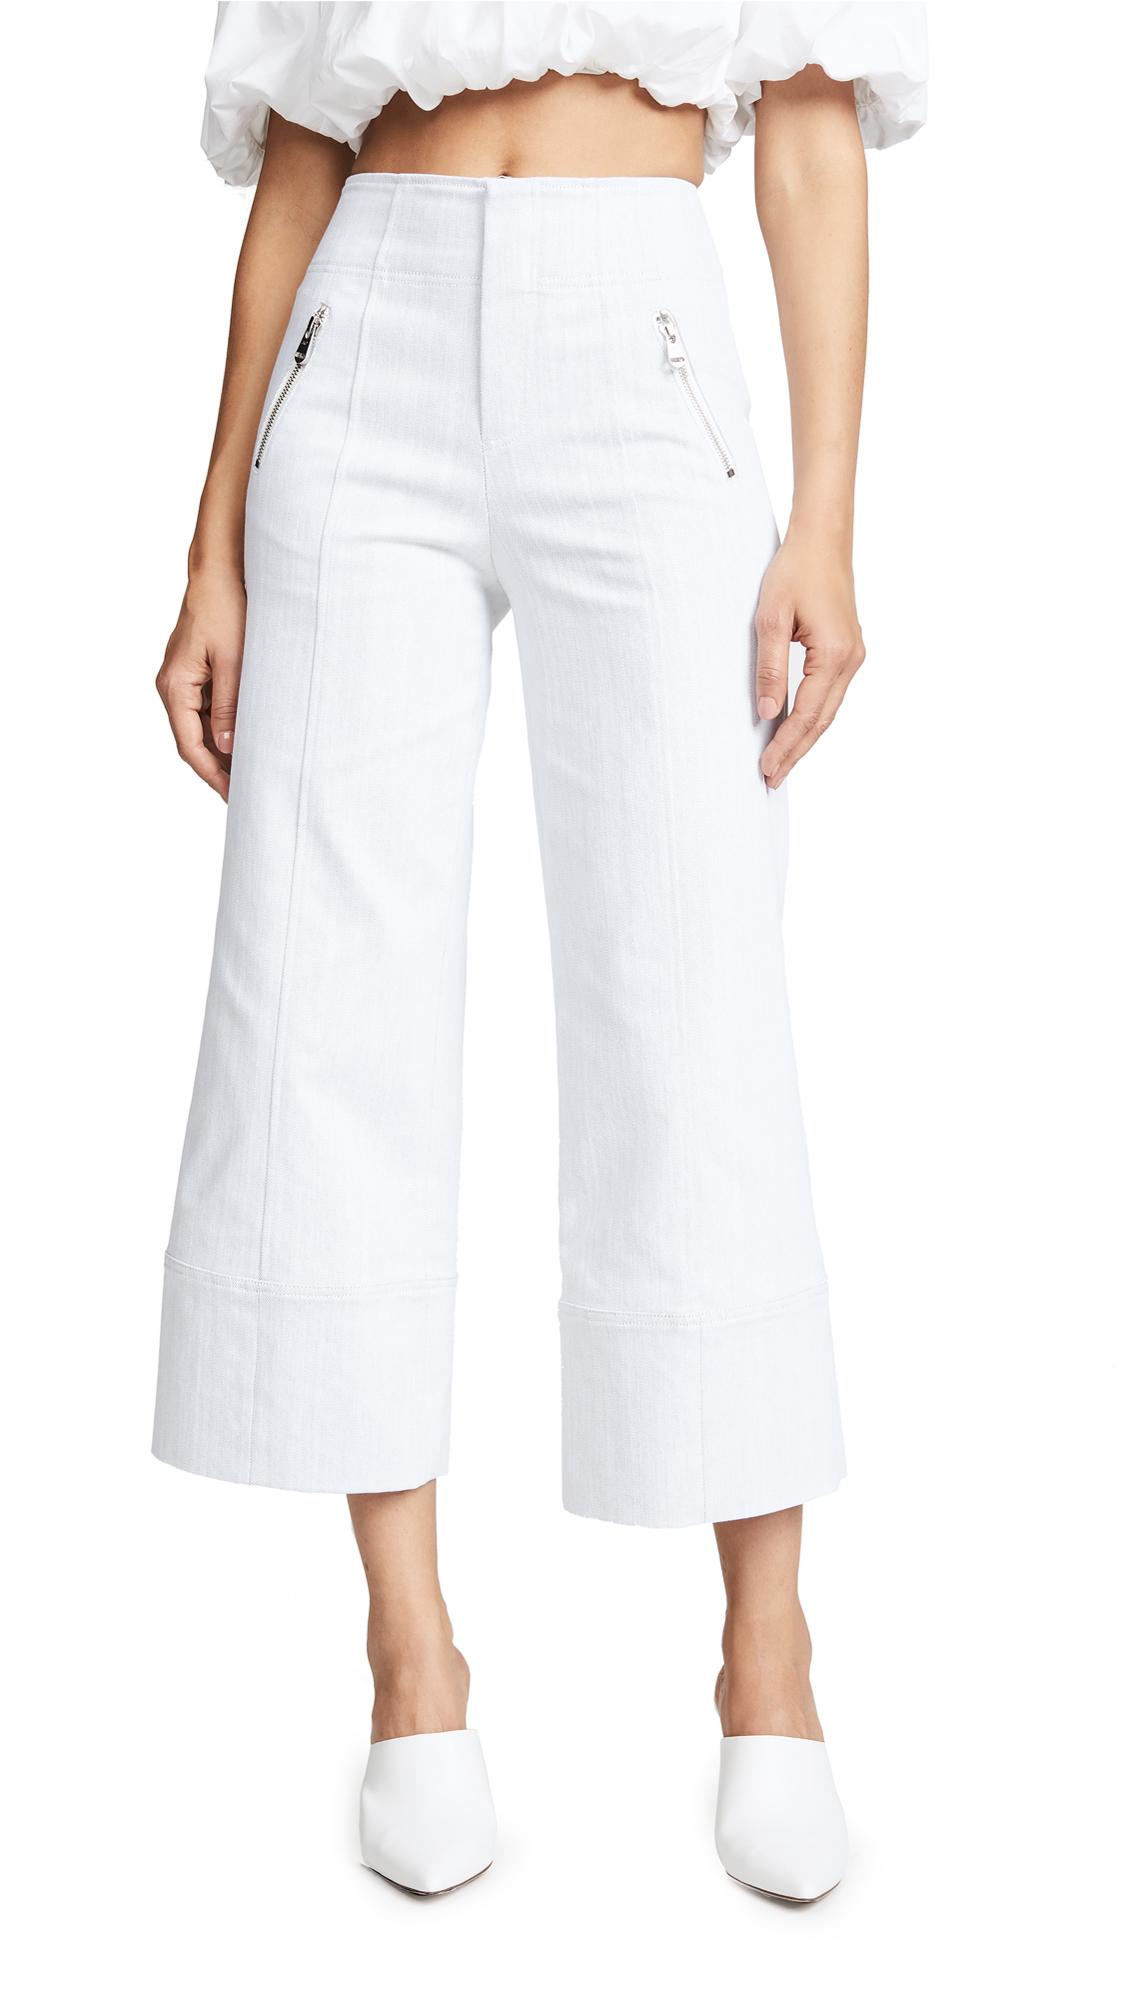 Cinq a Sept Marla Pants